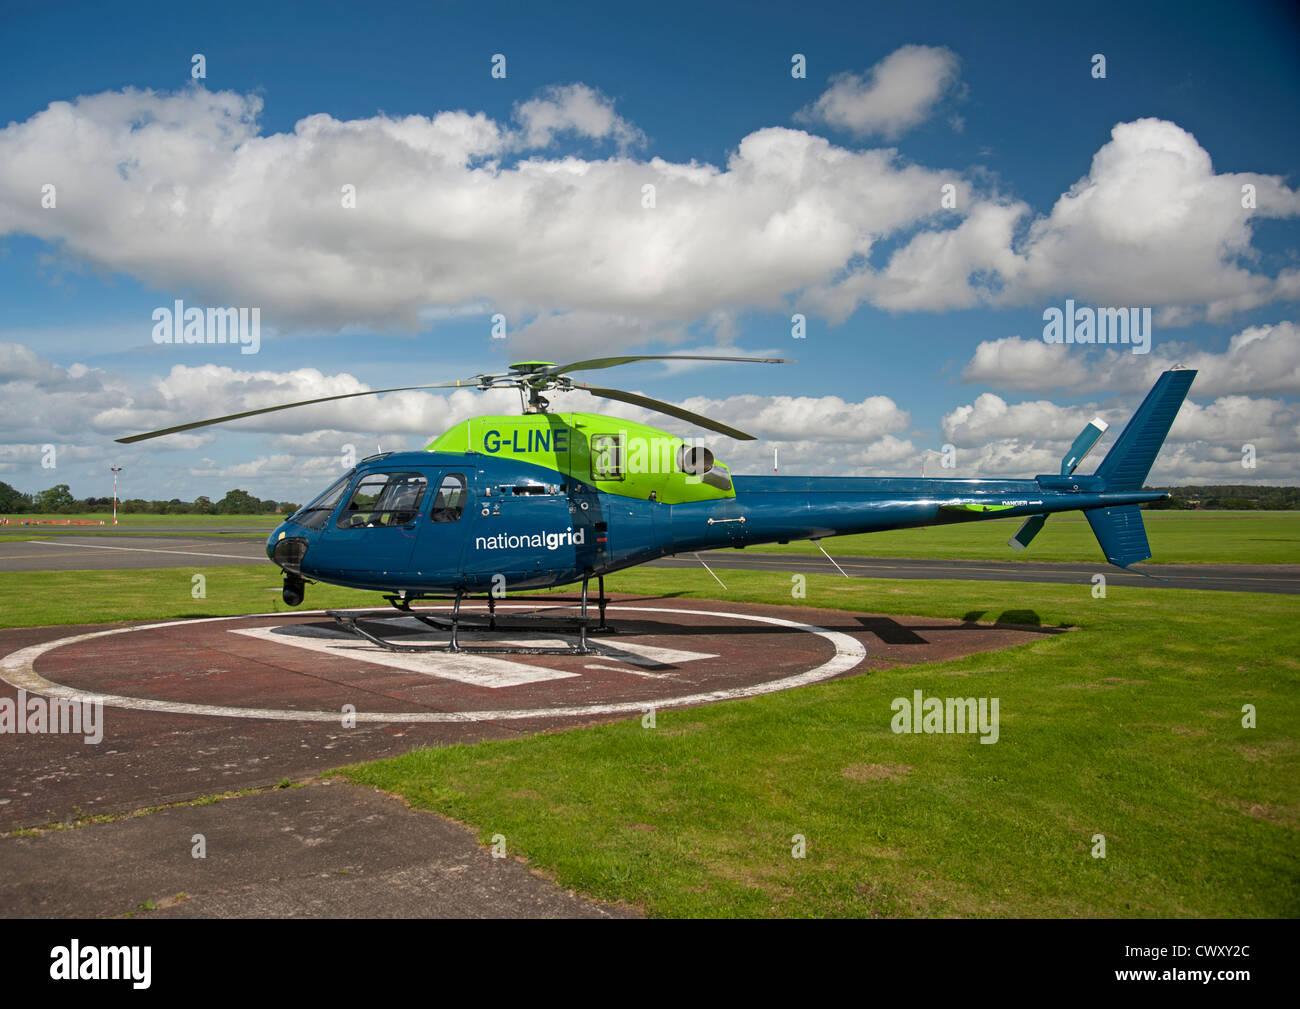 Elicottero 355 : L elicottero atterra su un campo verde le lame gira il hd stock